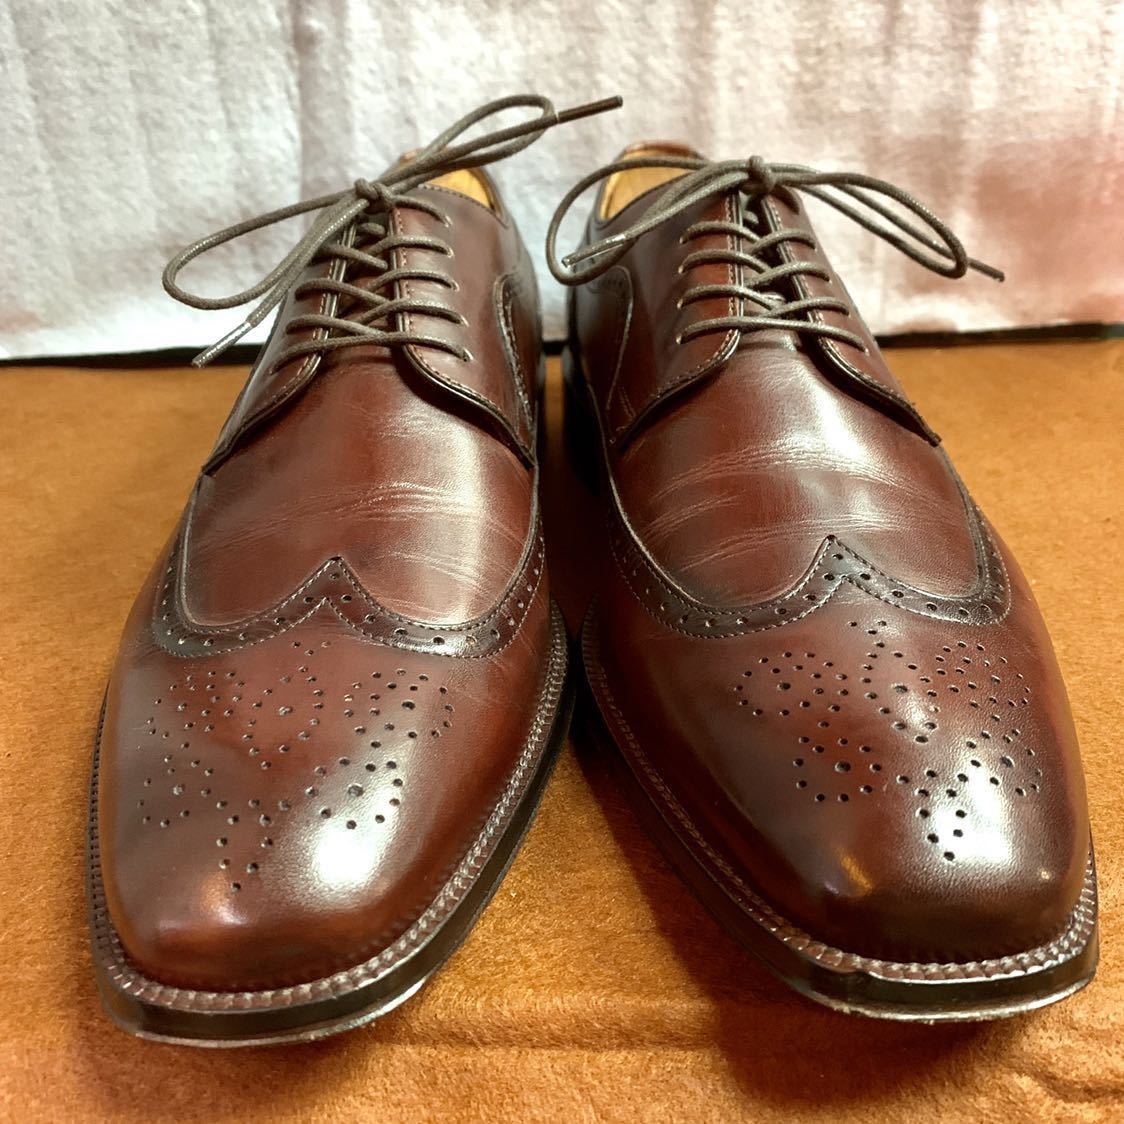 【未使用品】Johnston&Murphy ジョンストン&マーフィー ウイングチップ US 9 M 27cm相応 赤茶 革靴 アメリカ靴_画像5